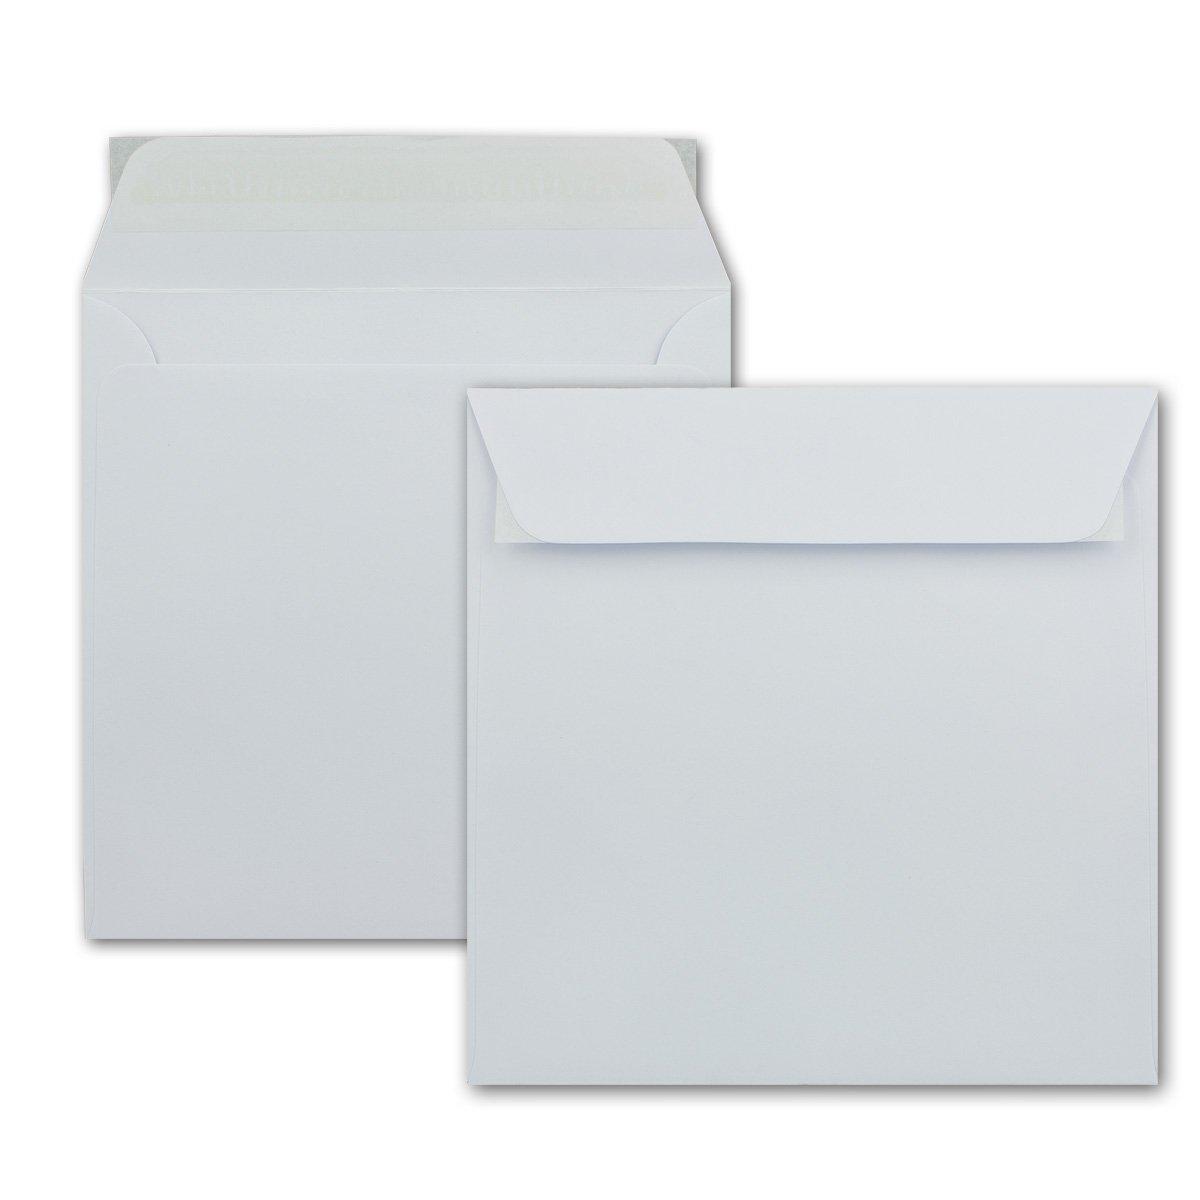 Briefumschläge in Weiss   150 Stück   quadratische KuGrüns 160 x 160 mm (16,0 x 16,0 cm)   Starke Qualität   Haftklebung   ohne Fenster B078WP4RVL | Elegante Form